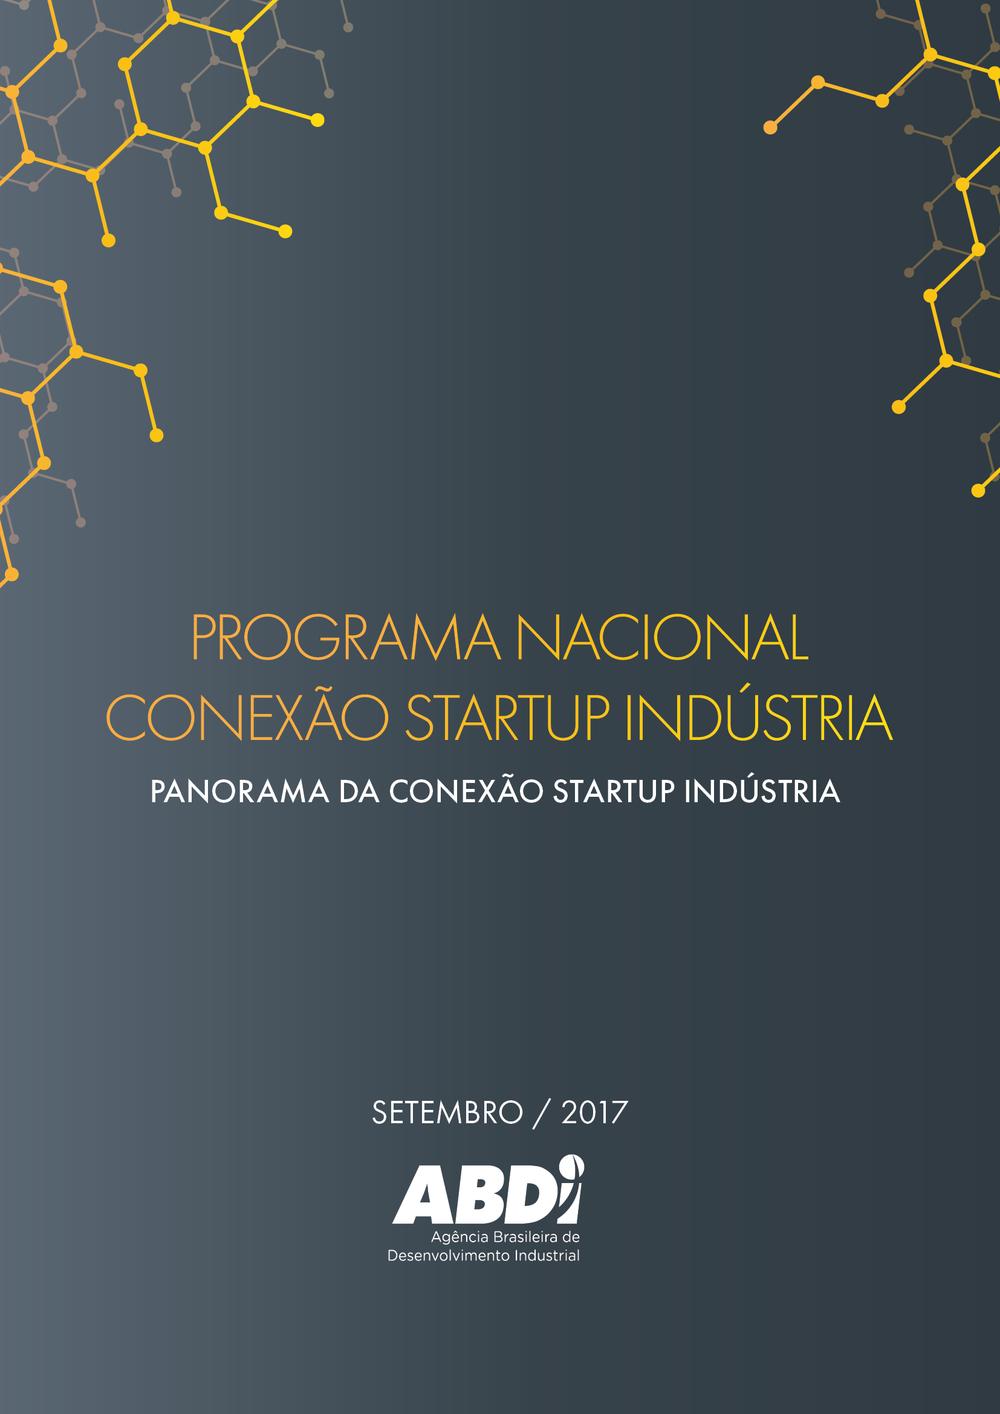 Relatório - Panorama da Conexão Startup Indústria